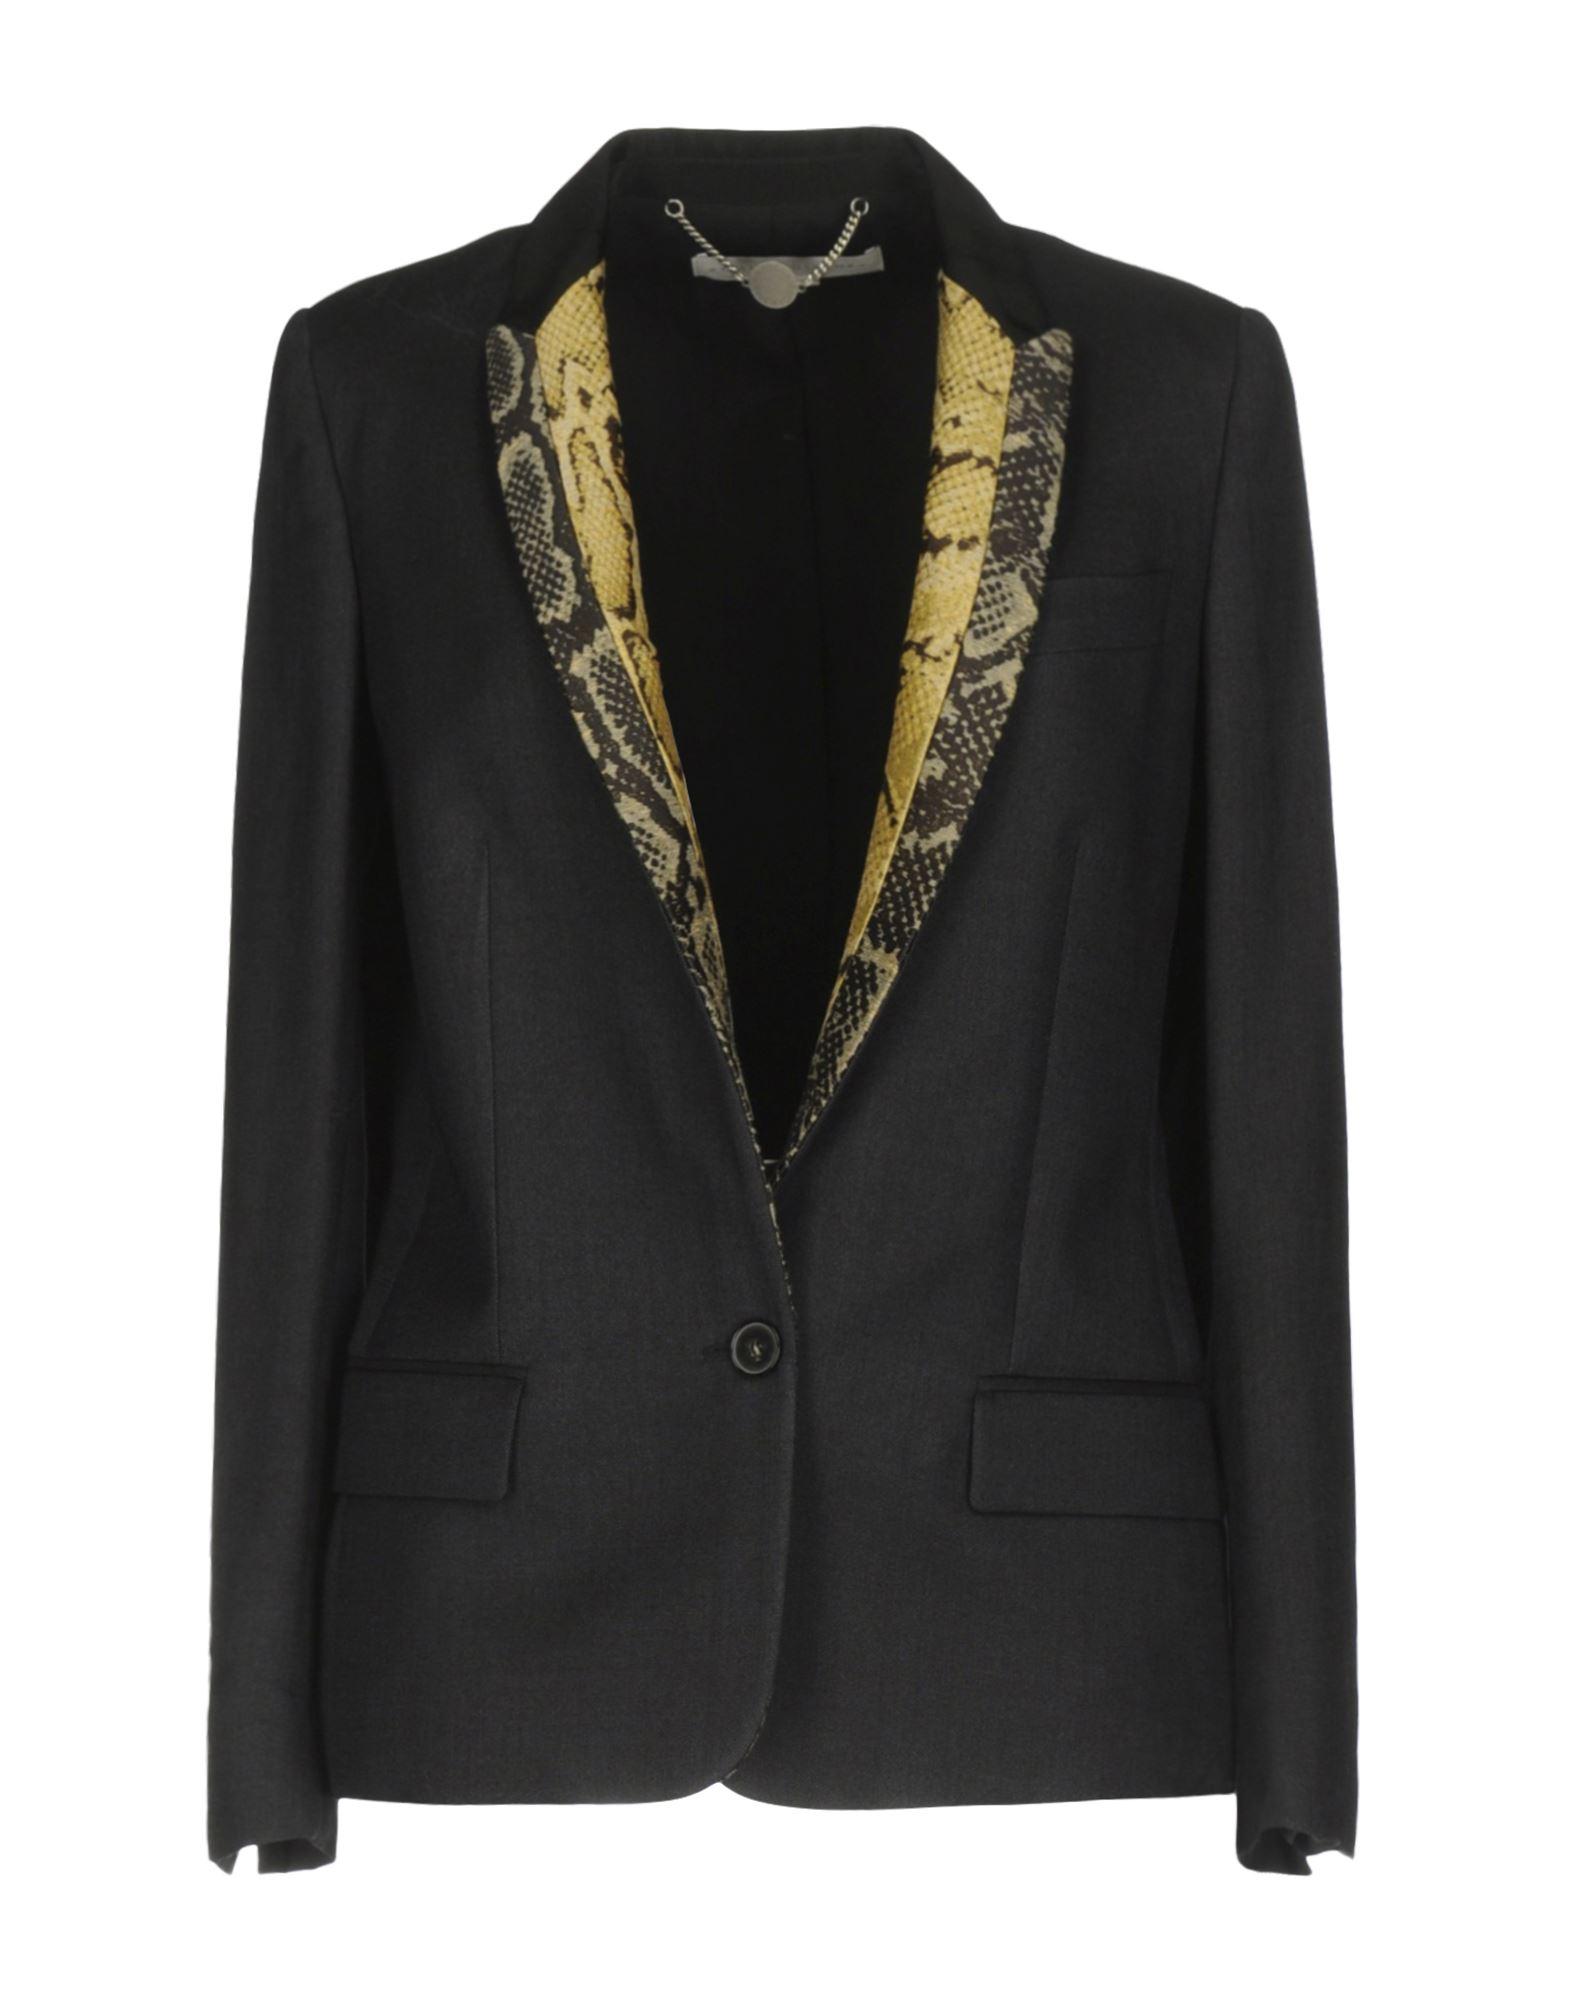 《期間限定セール中》STELLA McCARTNEY レディース テーラードジャケット ブラック 44 ウール 53% / シルク 29% / ナイロン 18% / ポリエステル / コットン